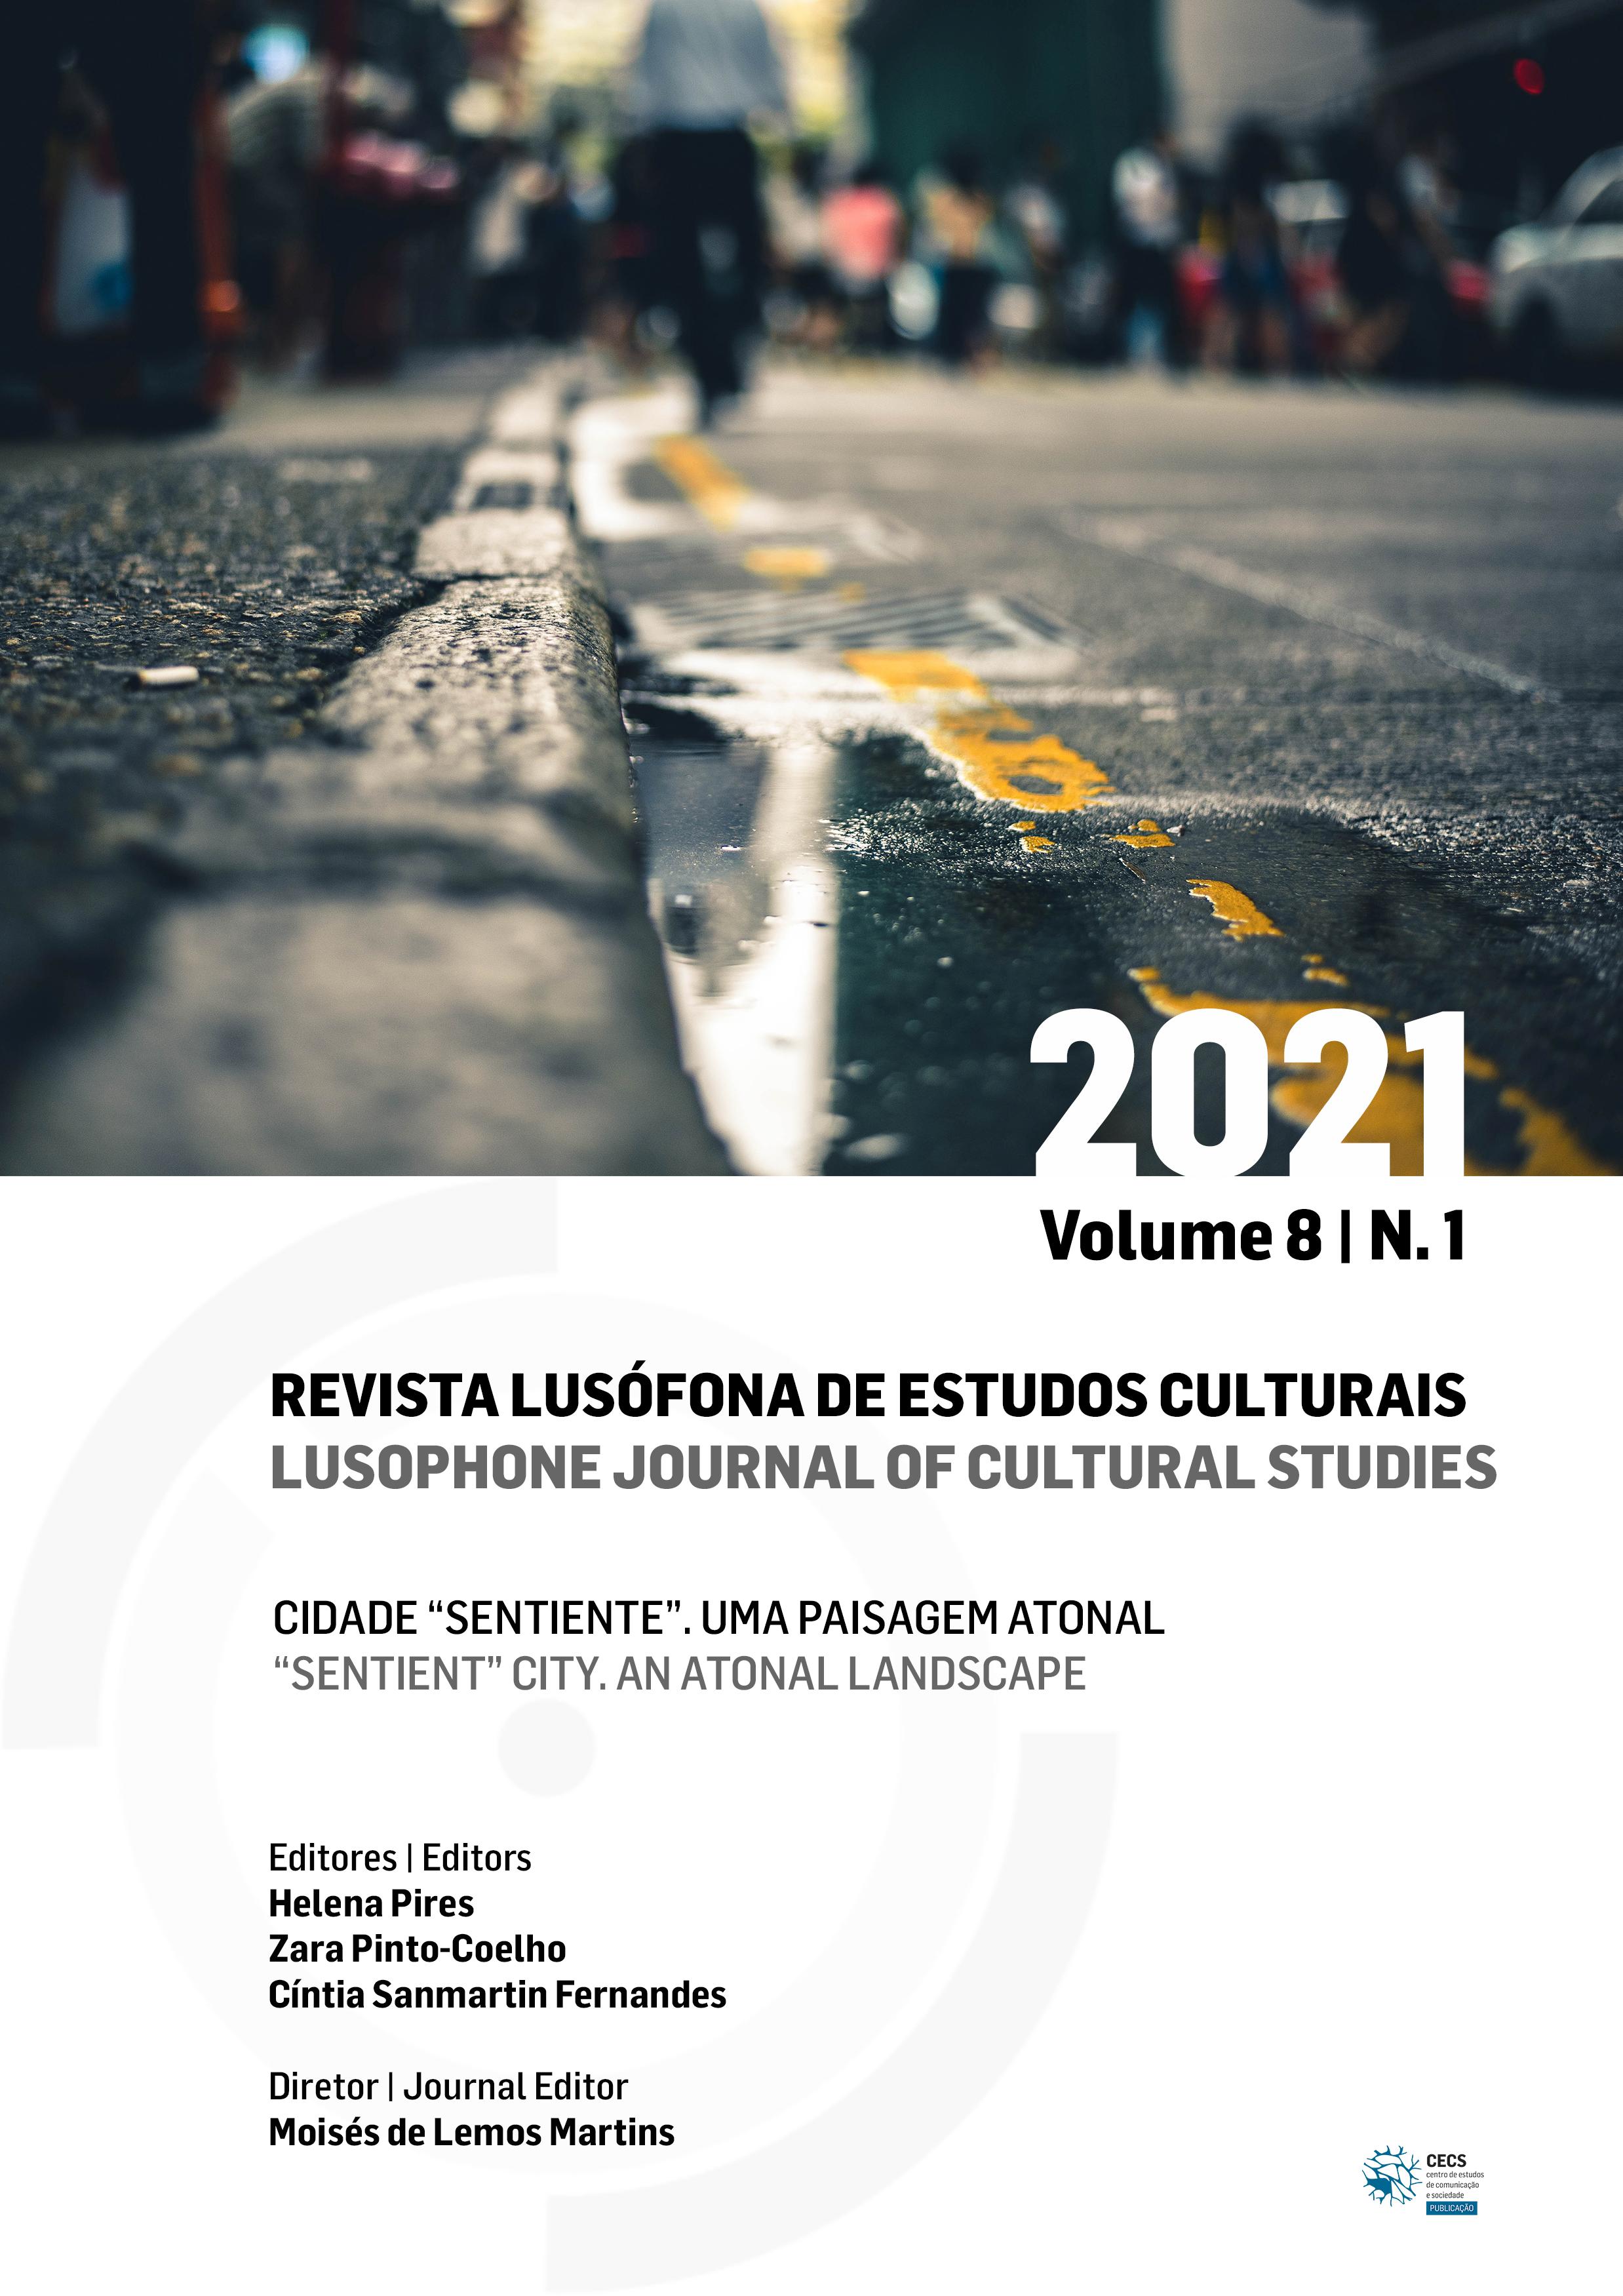 """Novo número da Revista Lusófona de Estudos Culturais: Cidade """"Sentiente"""" – Uma Paisagem Atonal"""